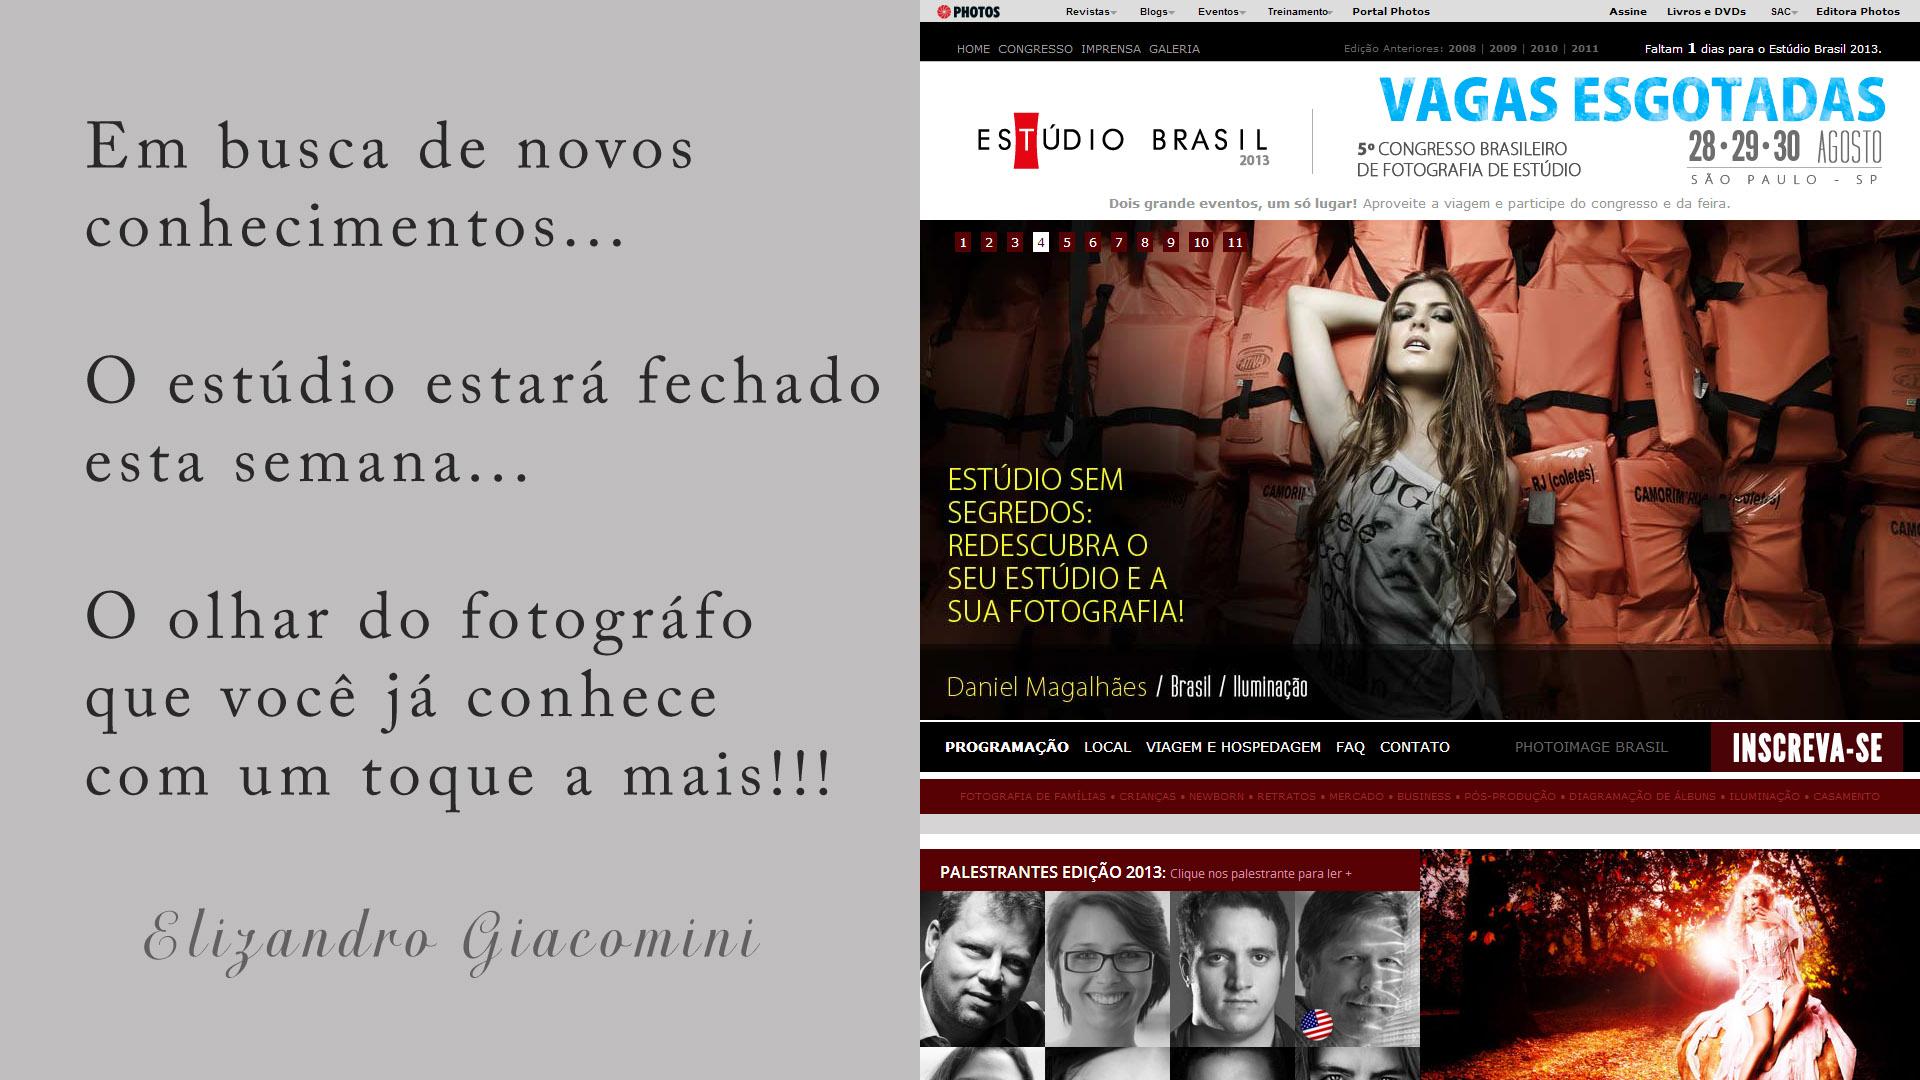 estudio-brasil.jpg